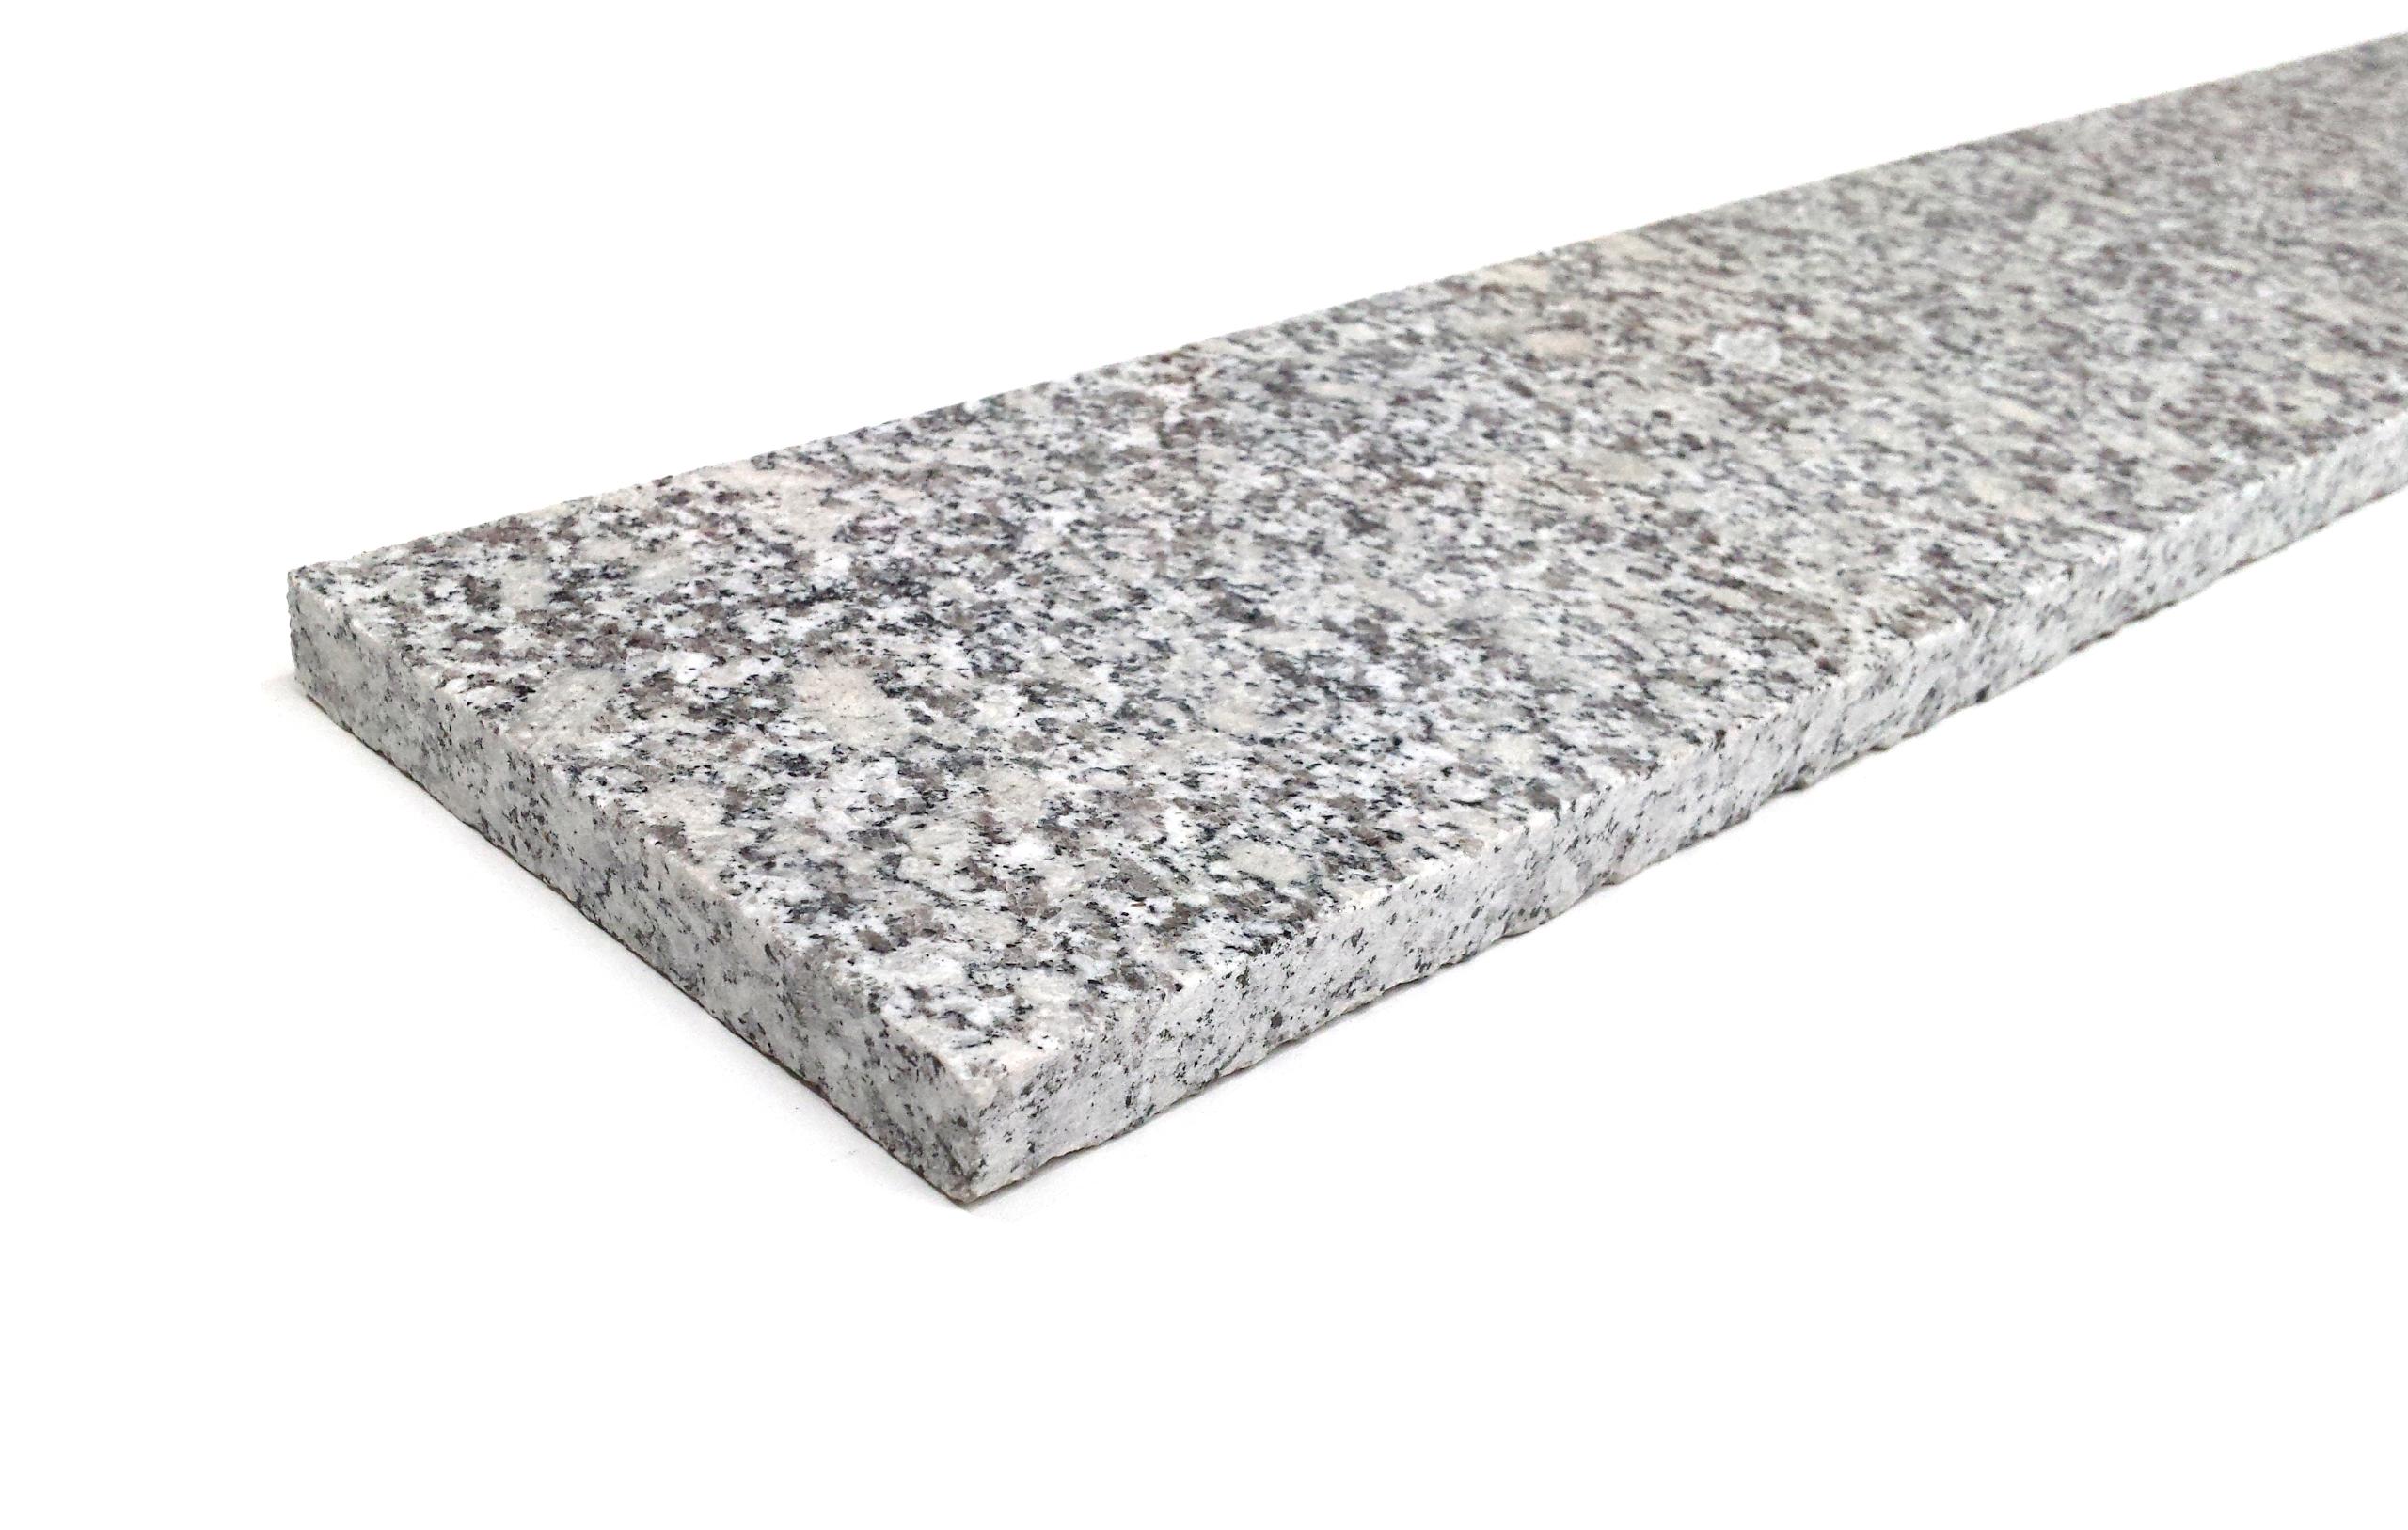 Podstopnica schodowa granit Grey Light G602 polerowana 150cm x 15cm x 2cm